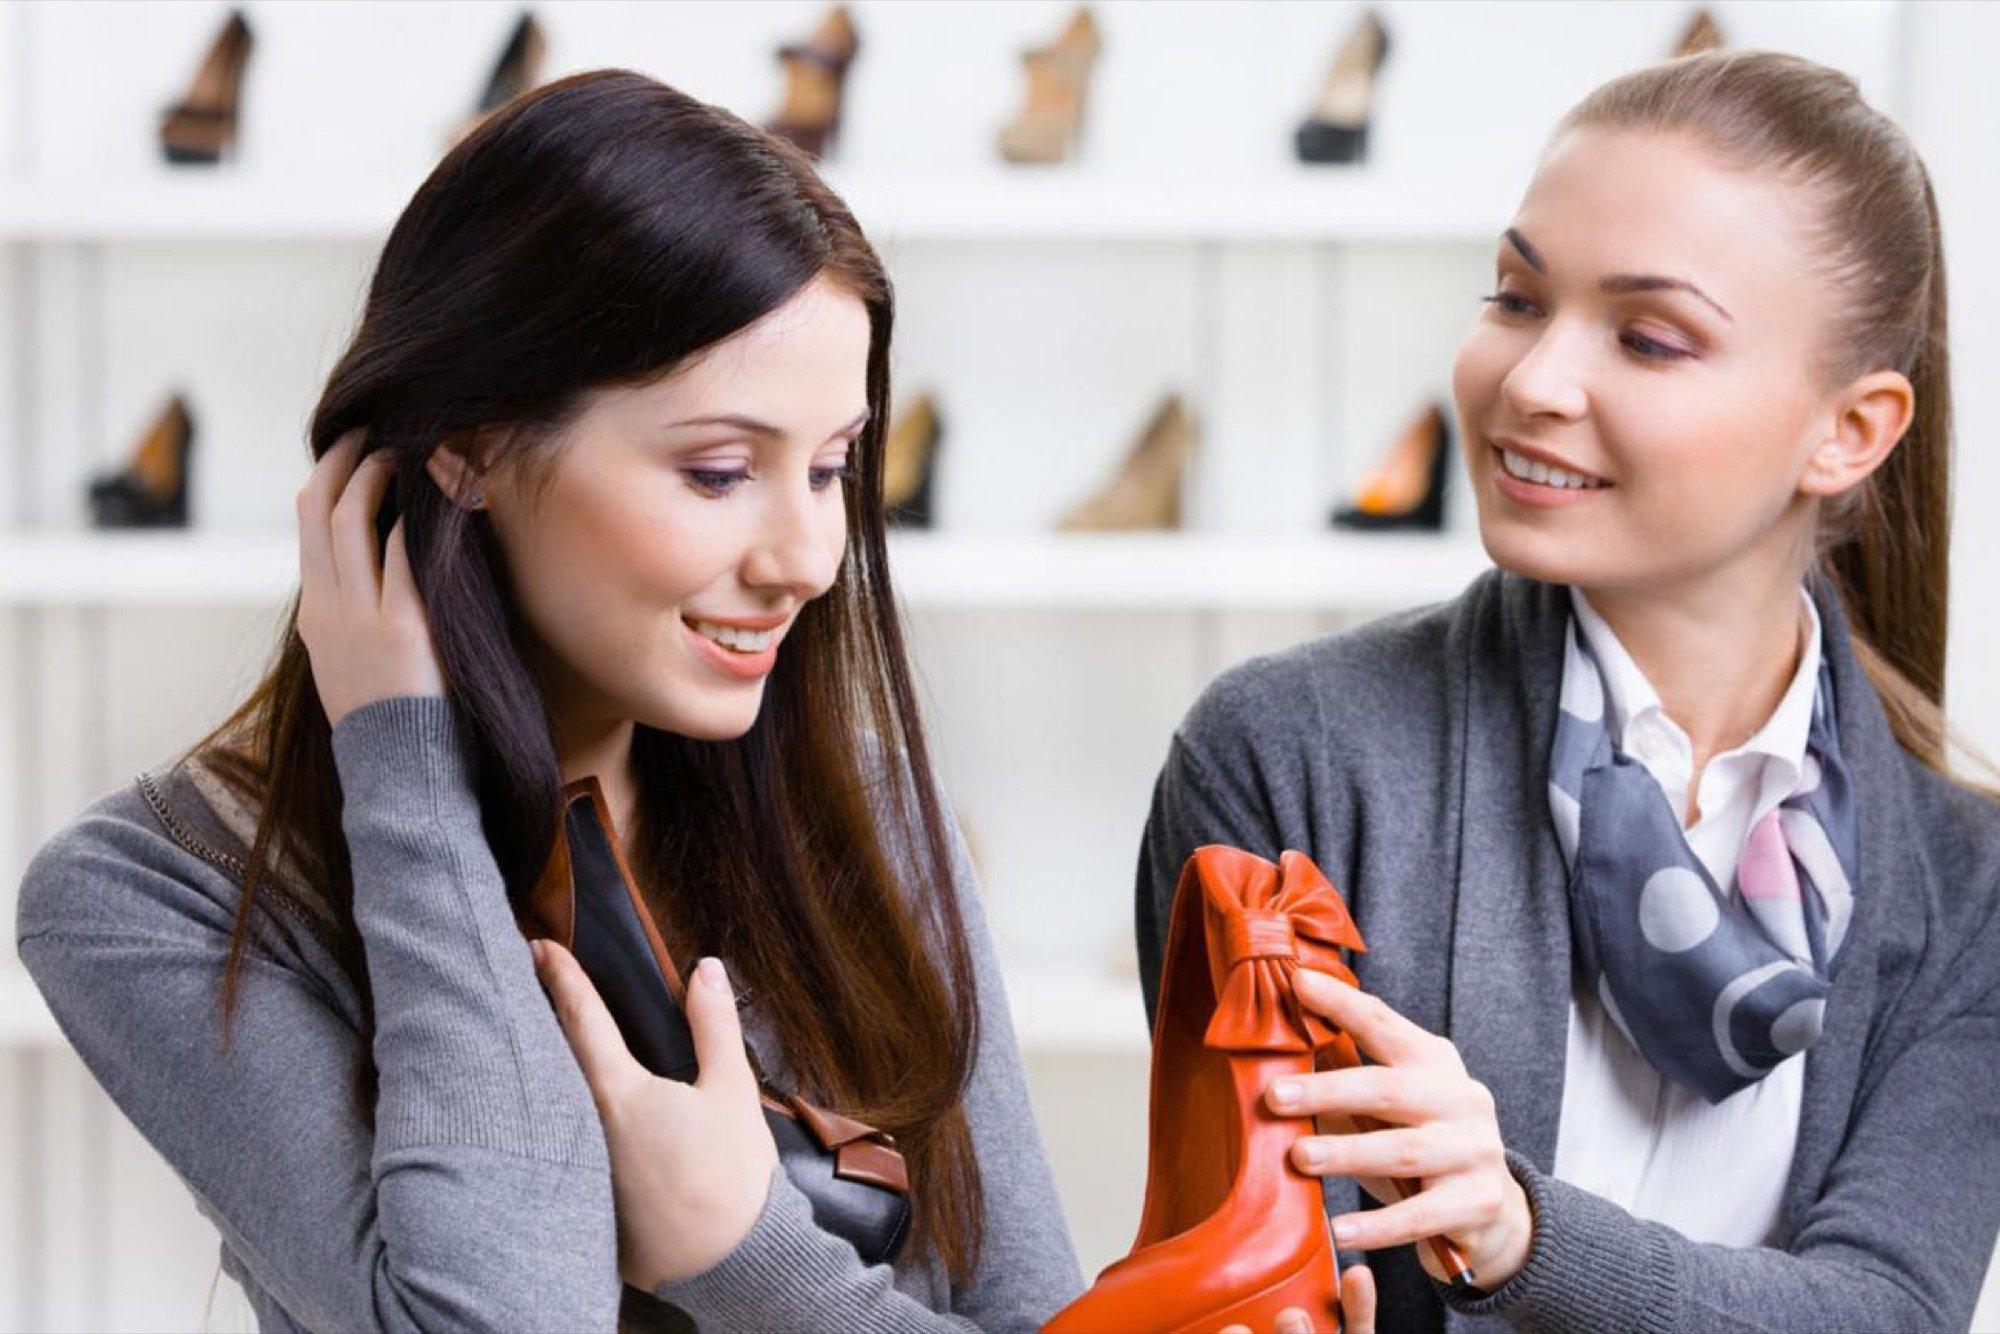 Giới thiệu đến khách hàng những mẫu mới và đẹp nhất của cửa hàng